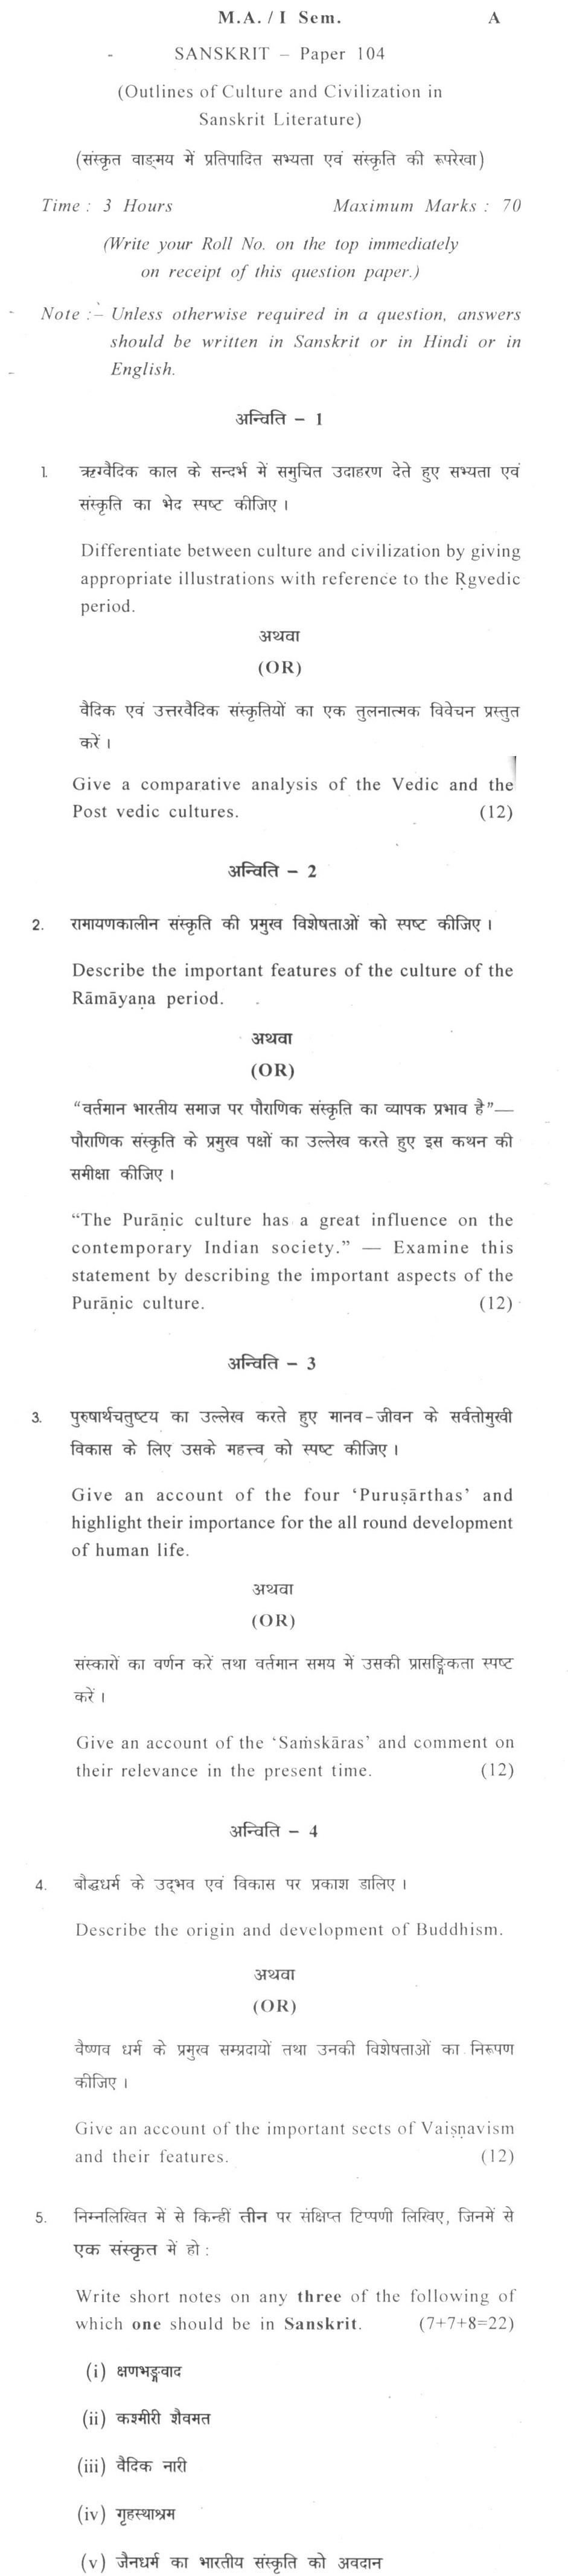 DU SOL M.A. Sanskrit Question Paper - ISemesterOutlines of Culture And Civilization in Sanskrit Literature - Paper 104